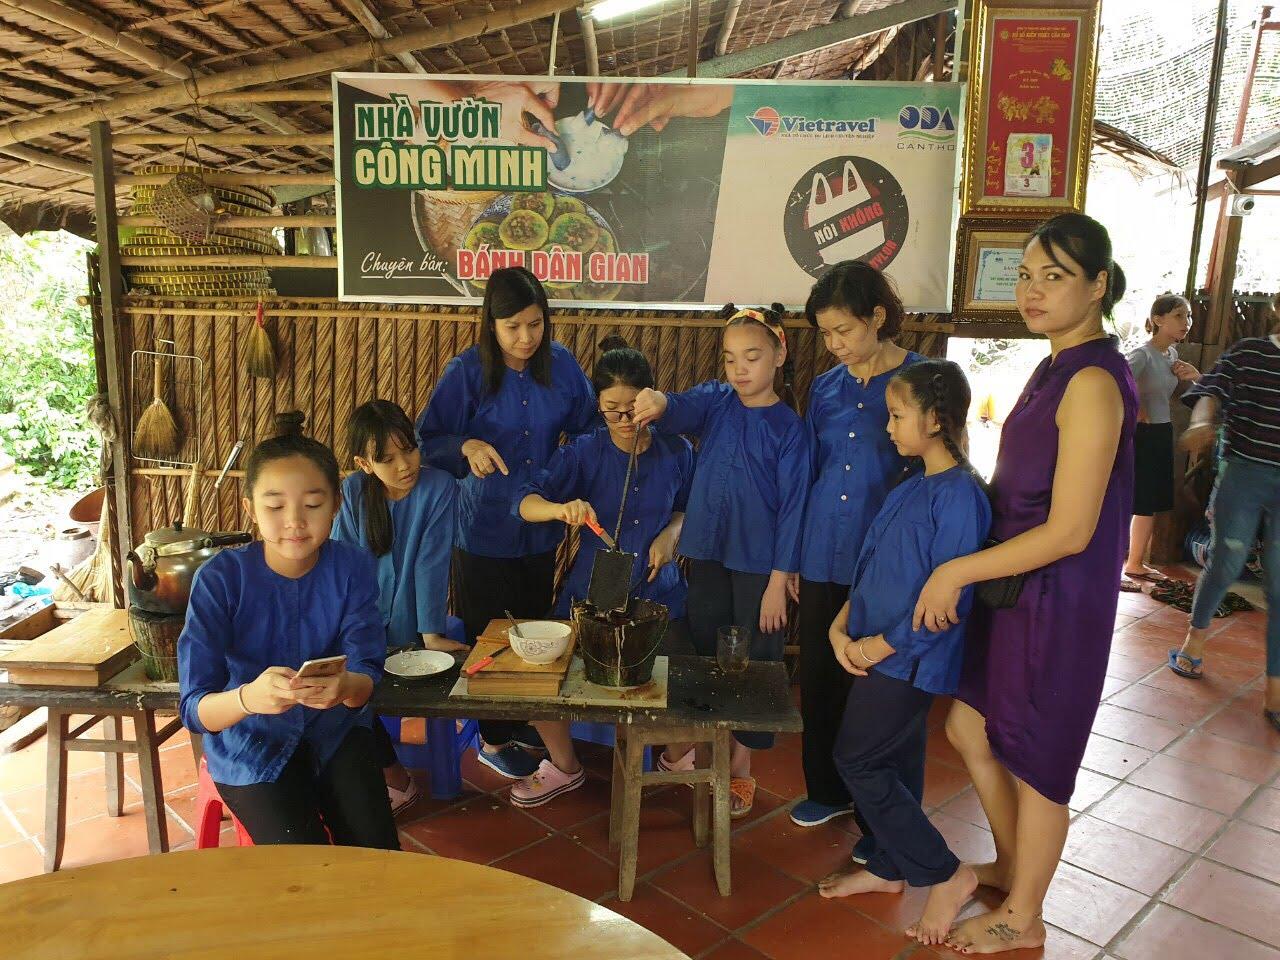 Tour Du lịch Miền Tây 2N1Đ: Cần Thơ - Đồng Tháp 1